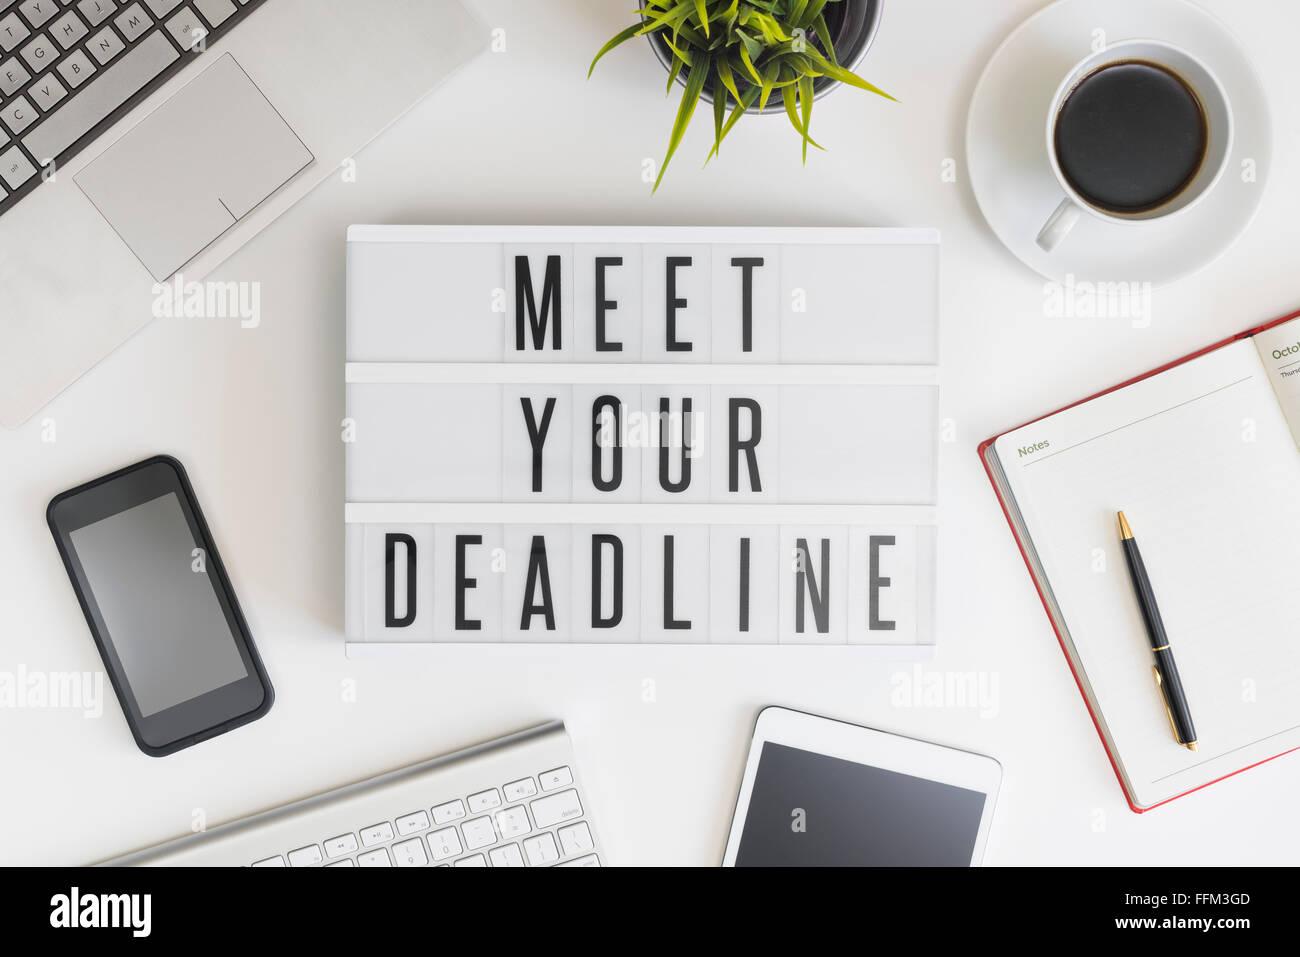 Meet your deadline - Stock Image